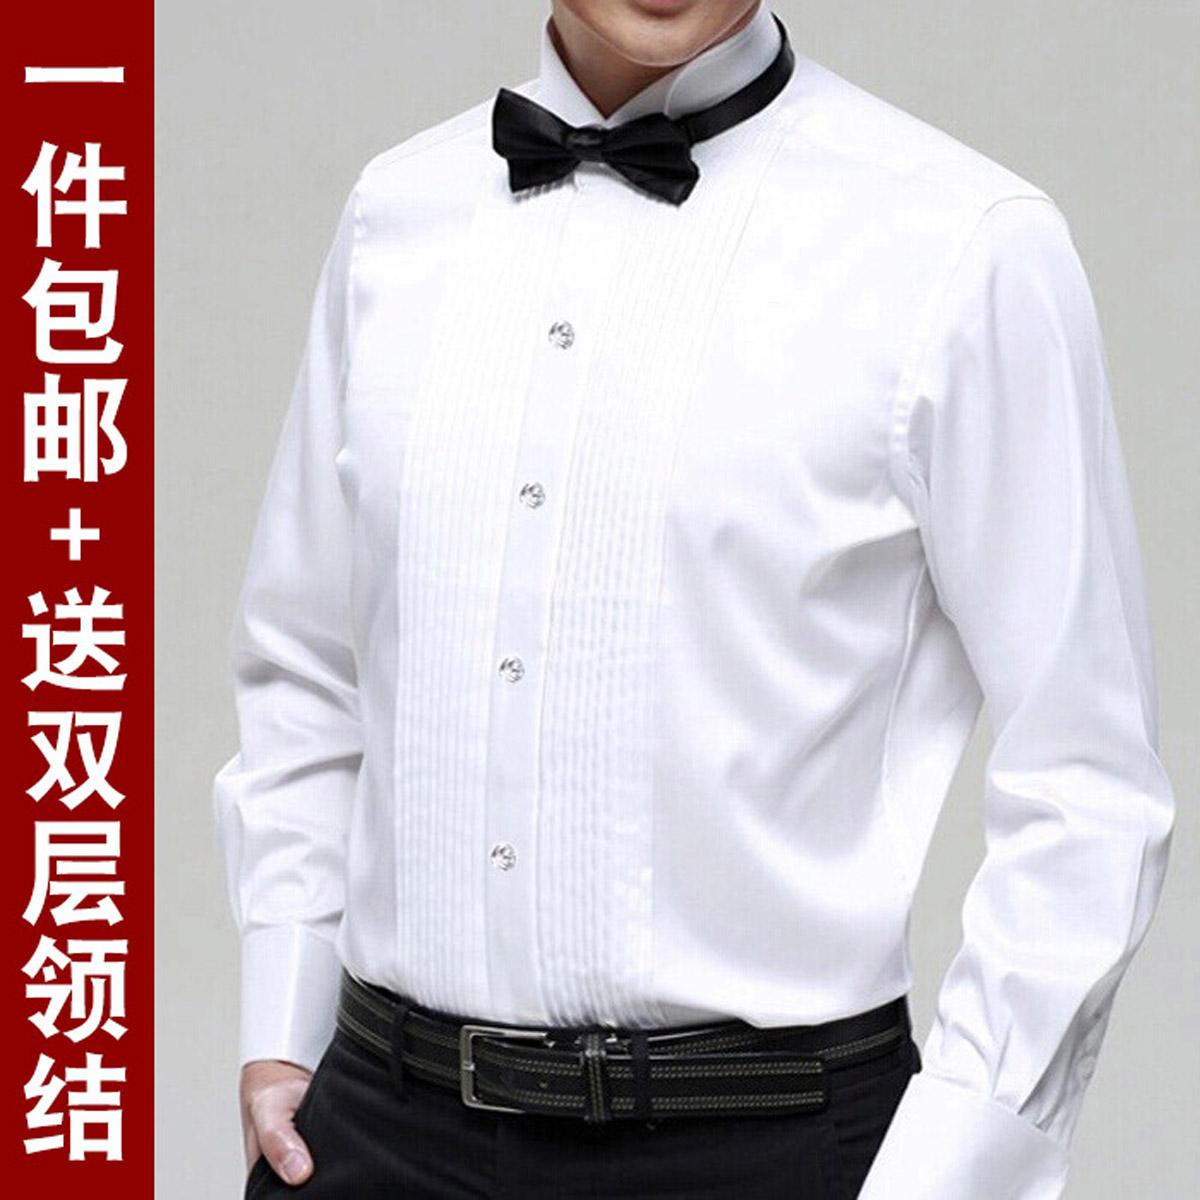 男演出衬衣